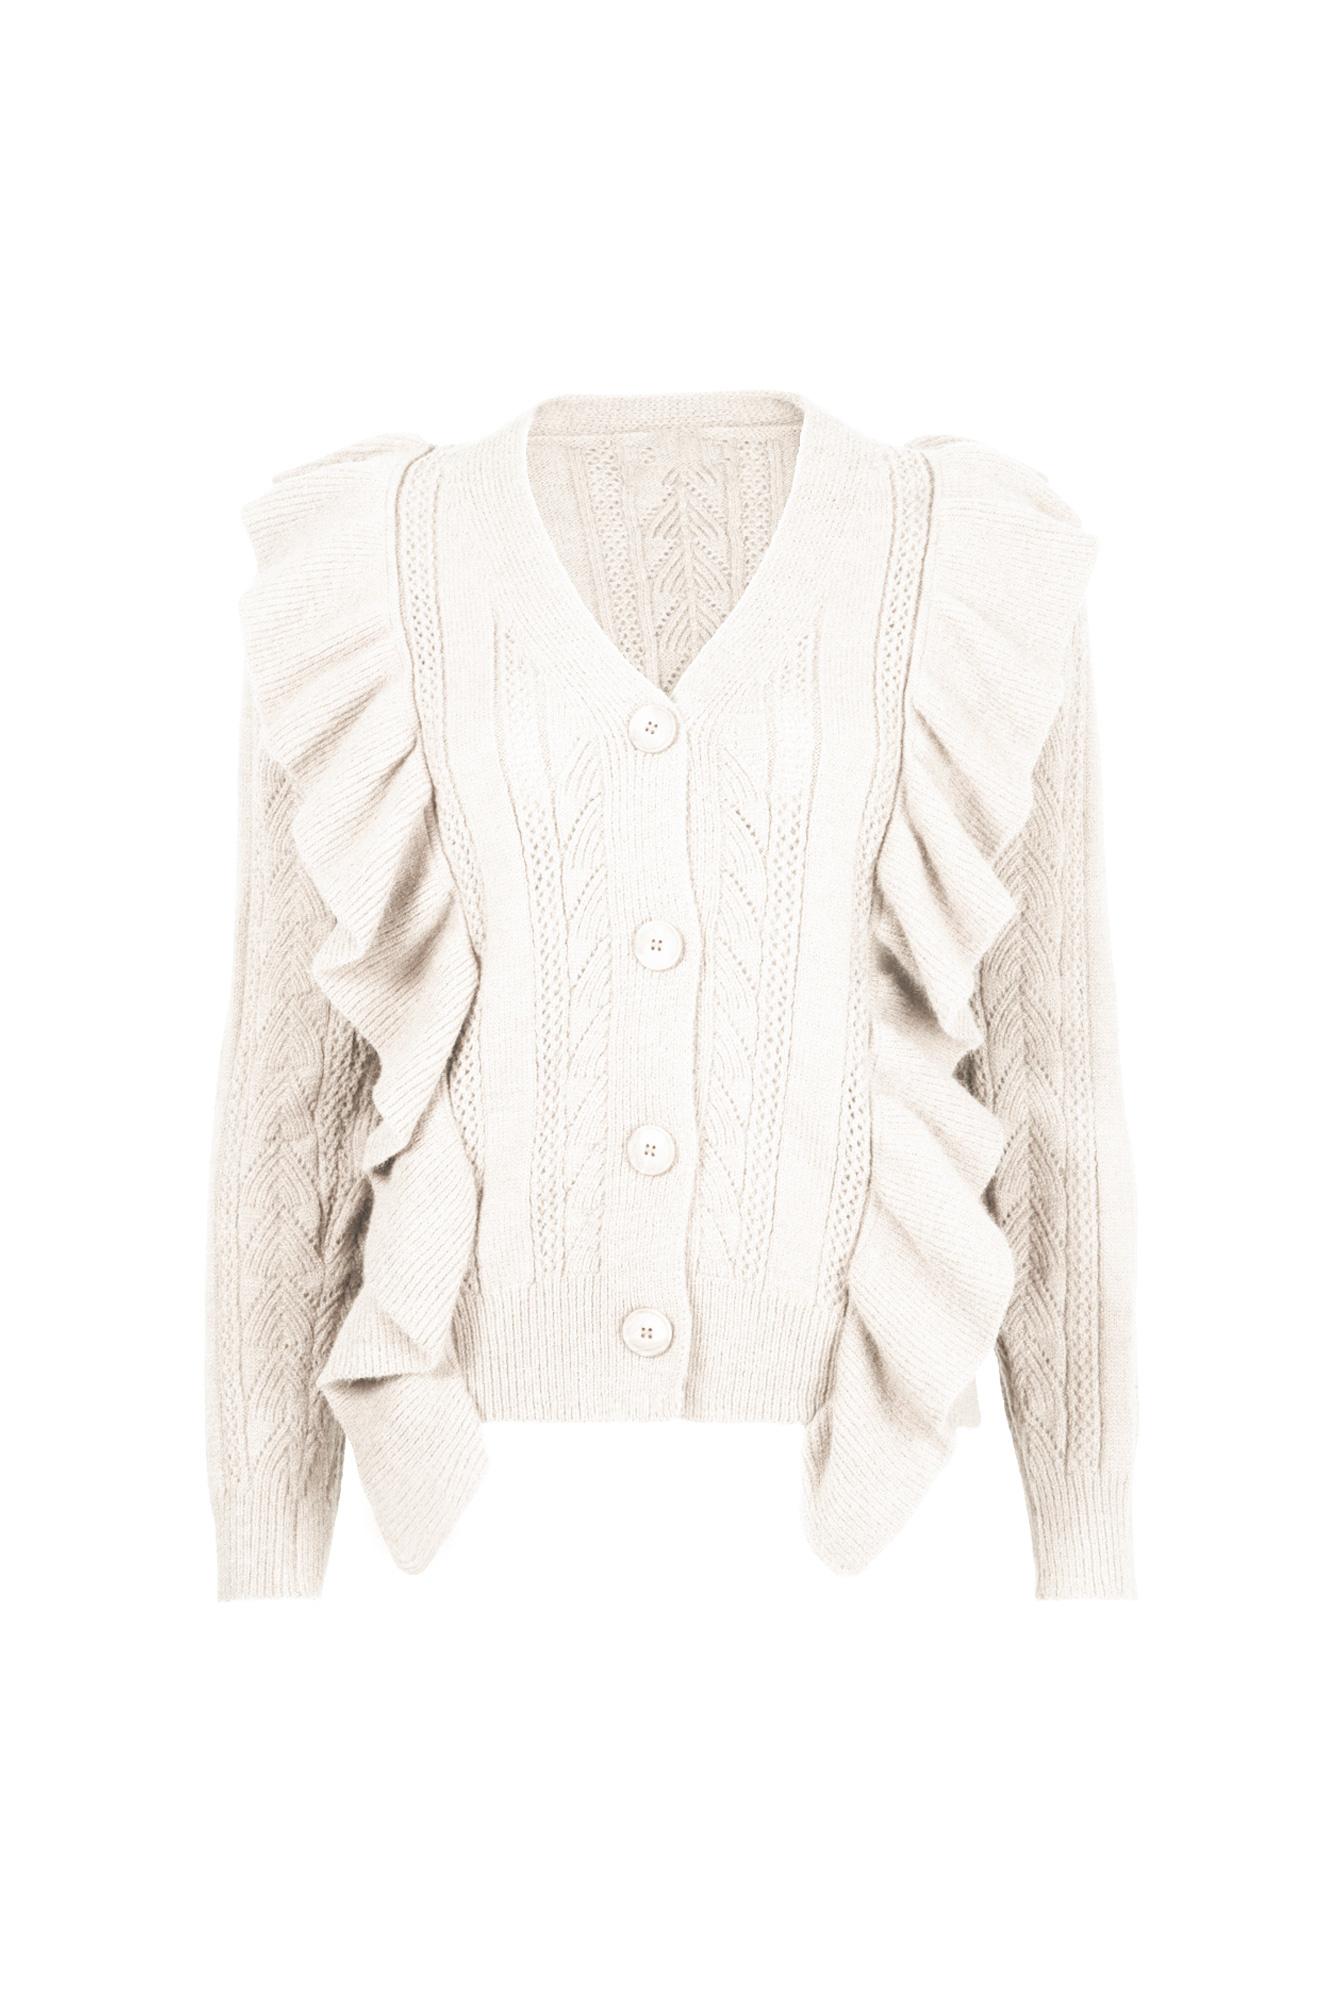 Button knit Dilara beige